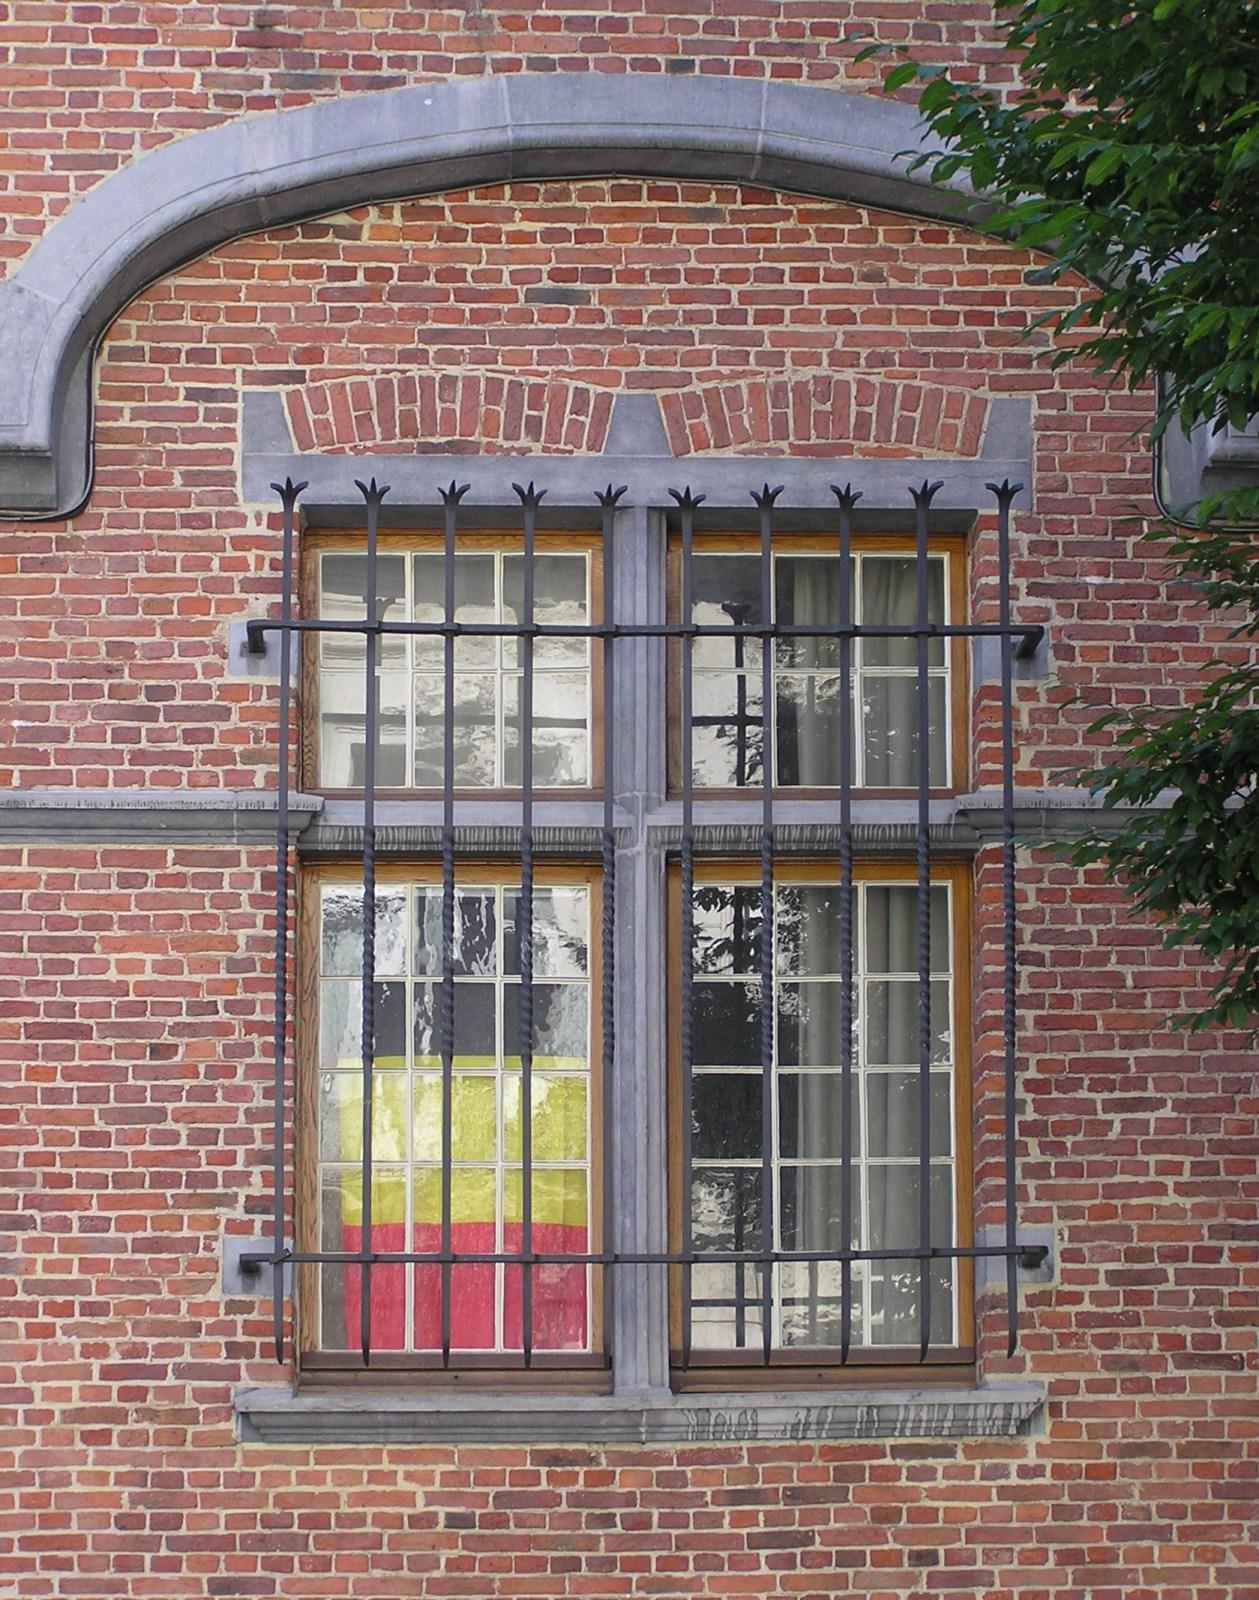 Bruxelles extension est rue franklin 65 - Fenetre rez de chaussee ...